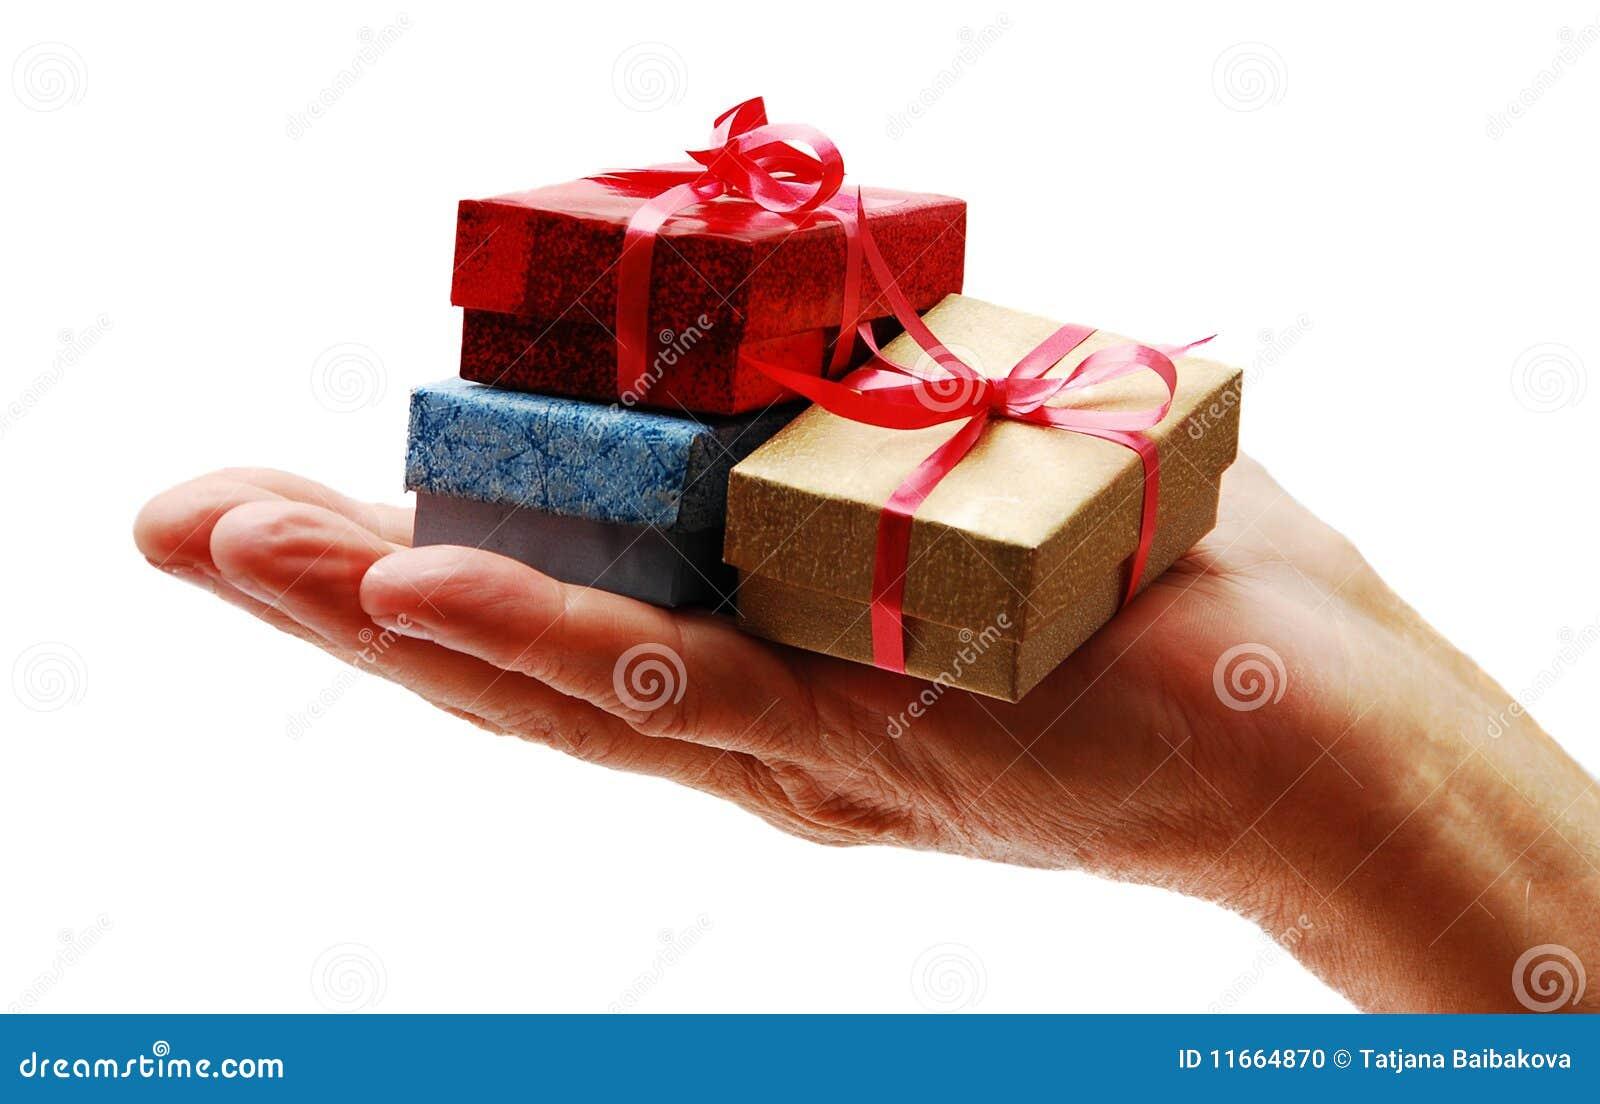 Как шуточно поздравить с днем рождения и подарить подарок